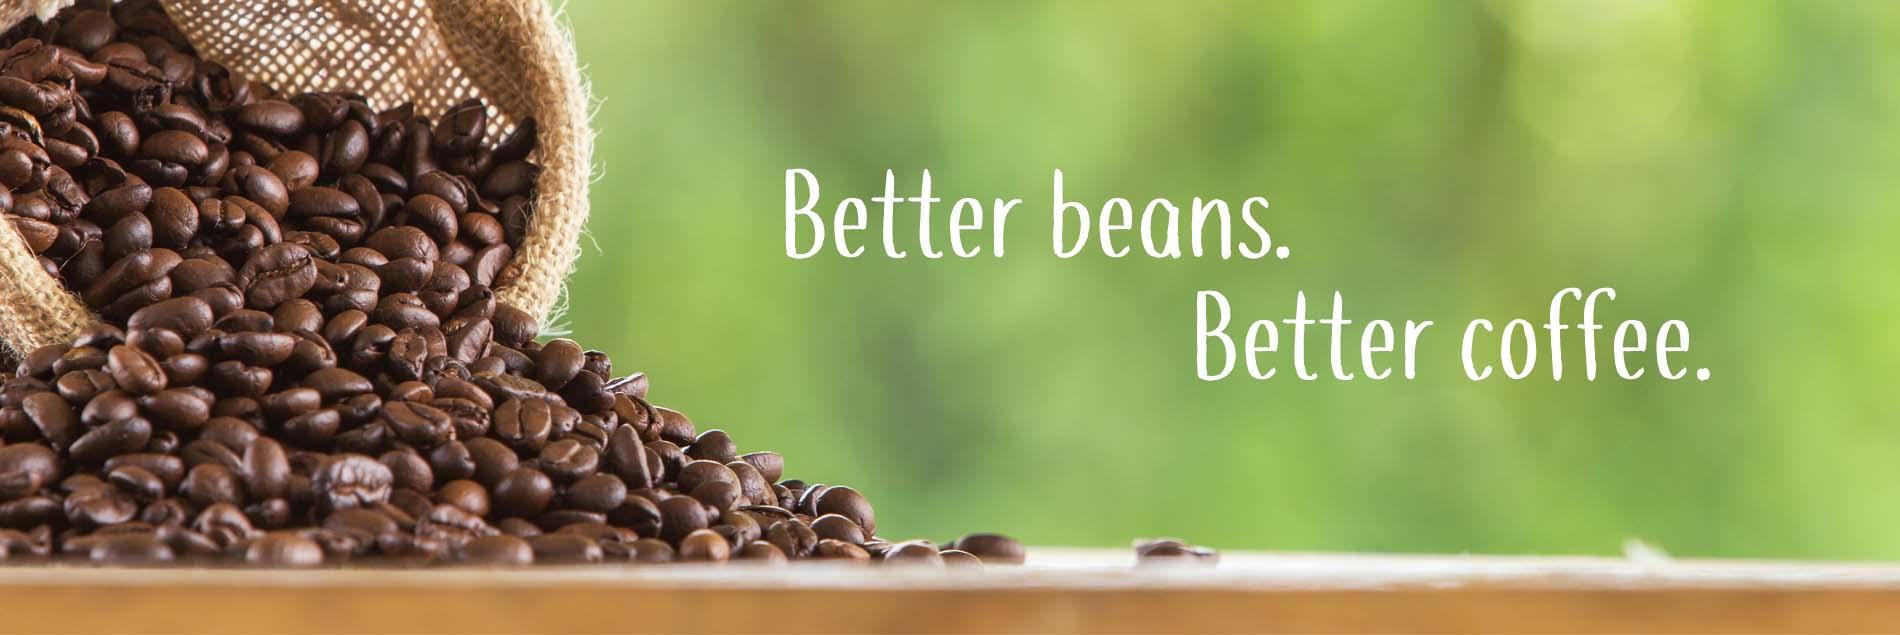 Better beans Better coffee